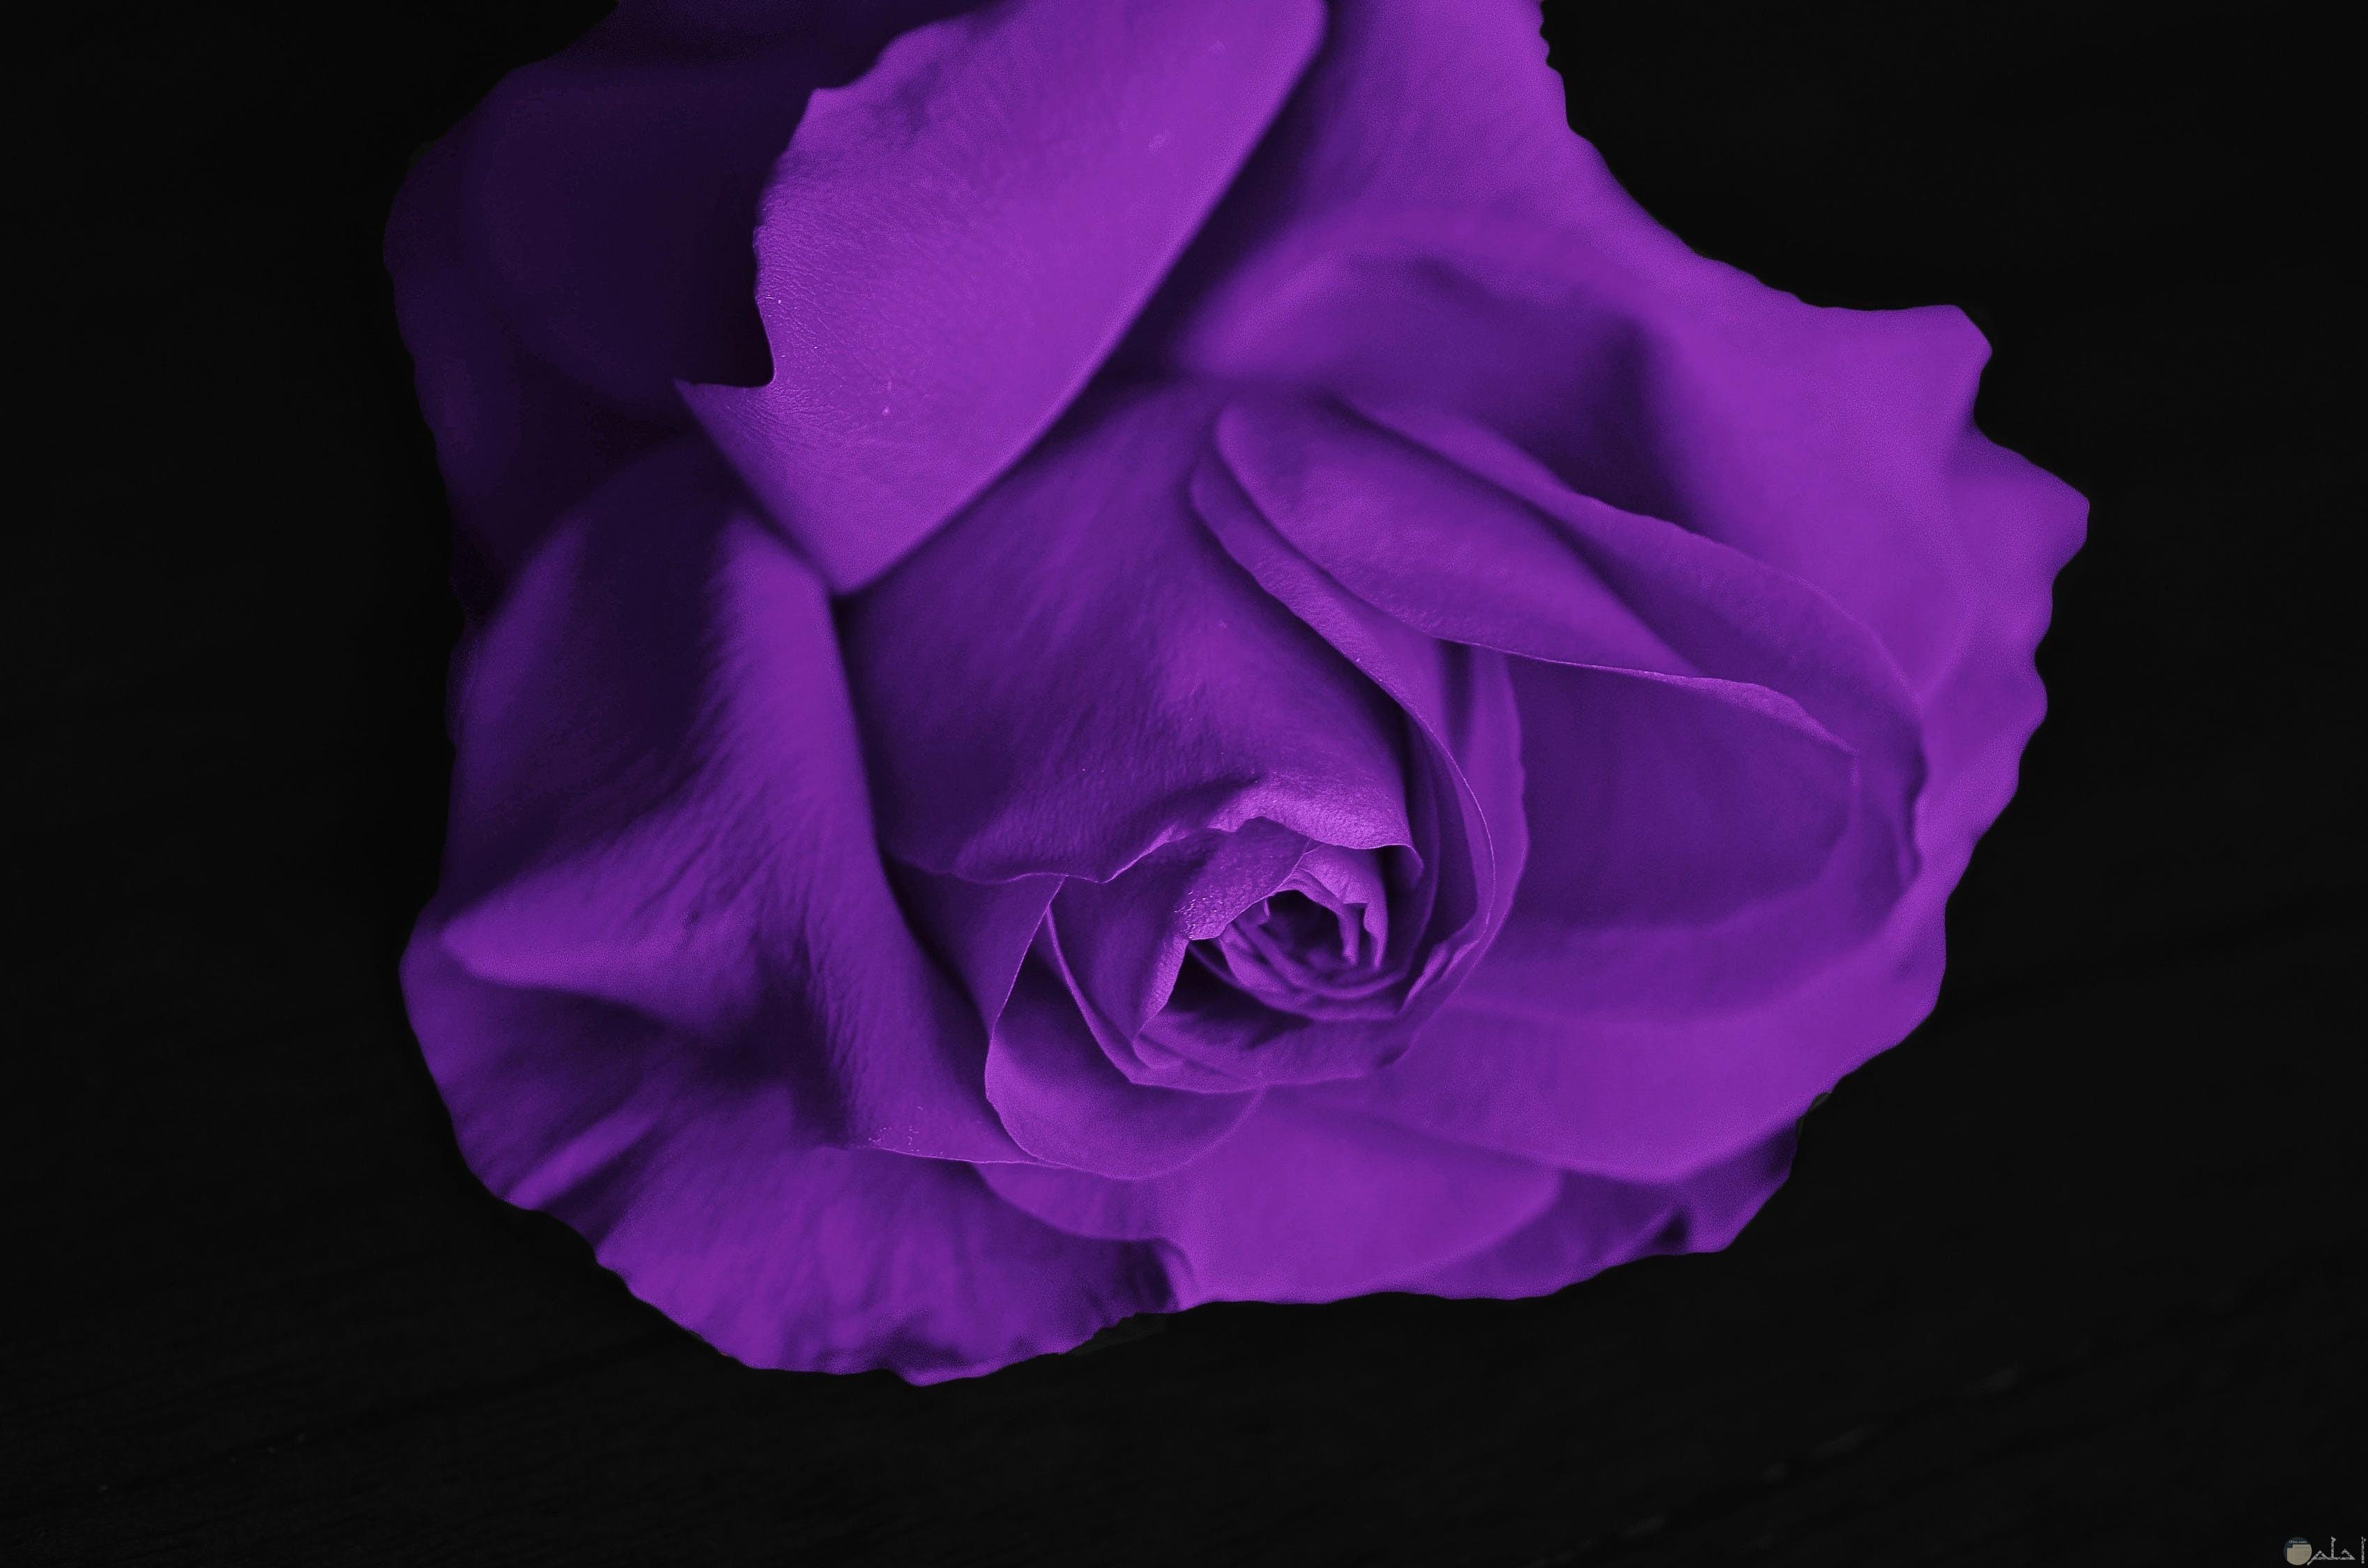 وردة تجنن تحمل لون من الالوان الورد البنفسجي